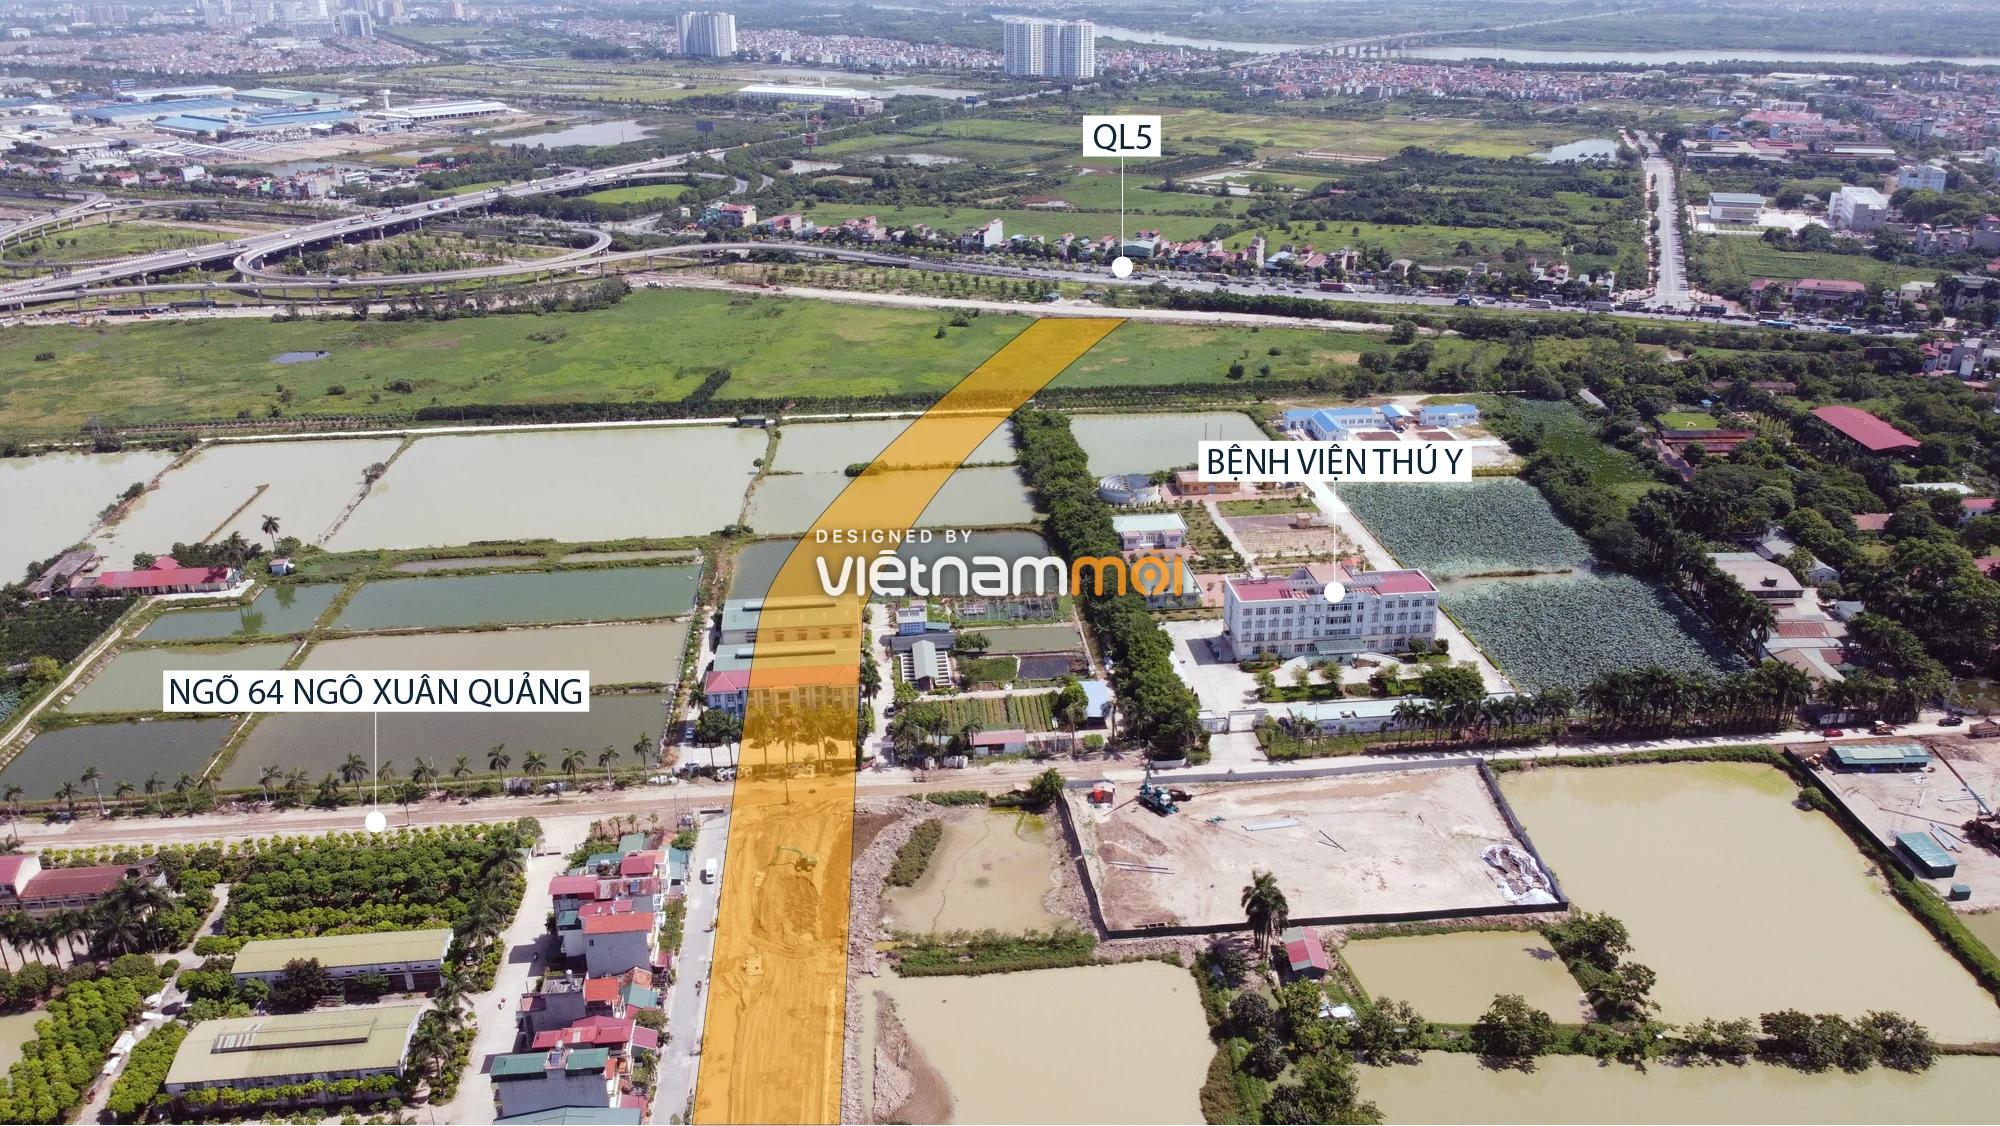 Toàn cảnh tuyến đường từ Vinhomes Ocean Park đến QL5 qua Học viện Nông nghiệp đang mở theo quy hoạch ở Hà Nội - Ảnh 15.